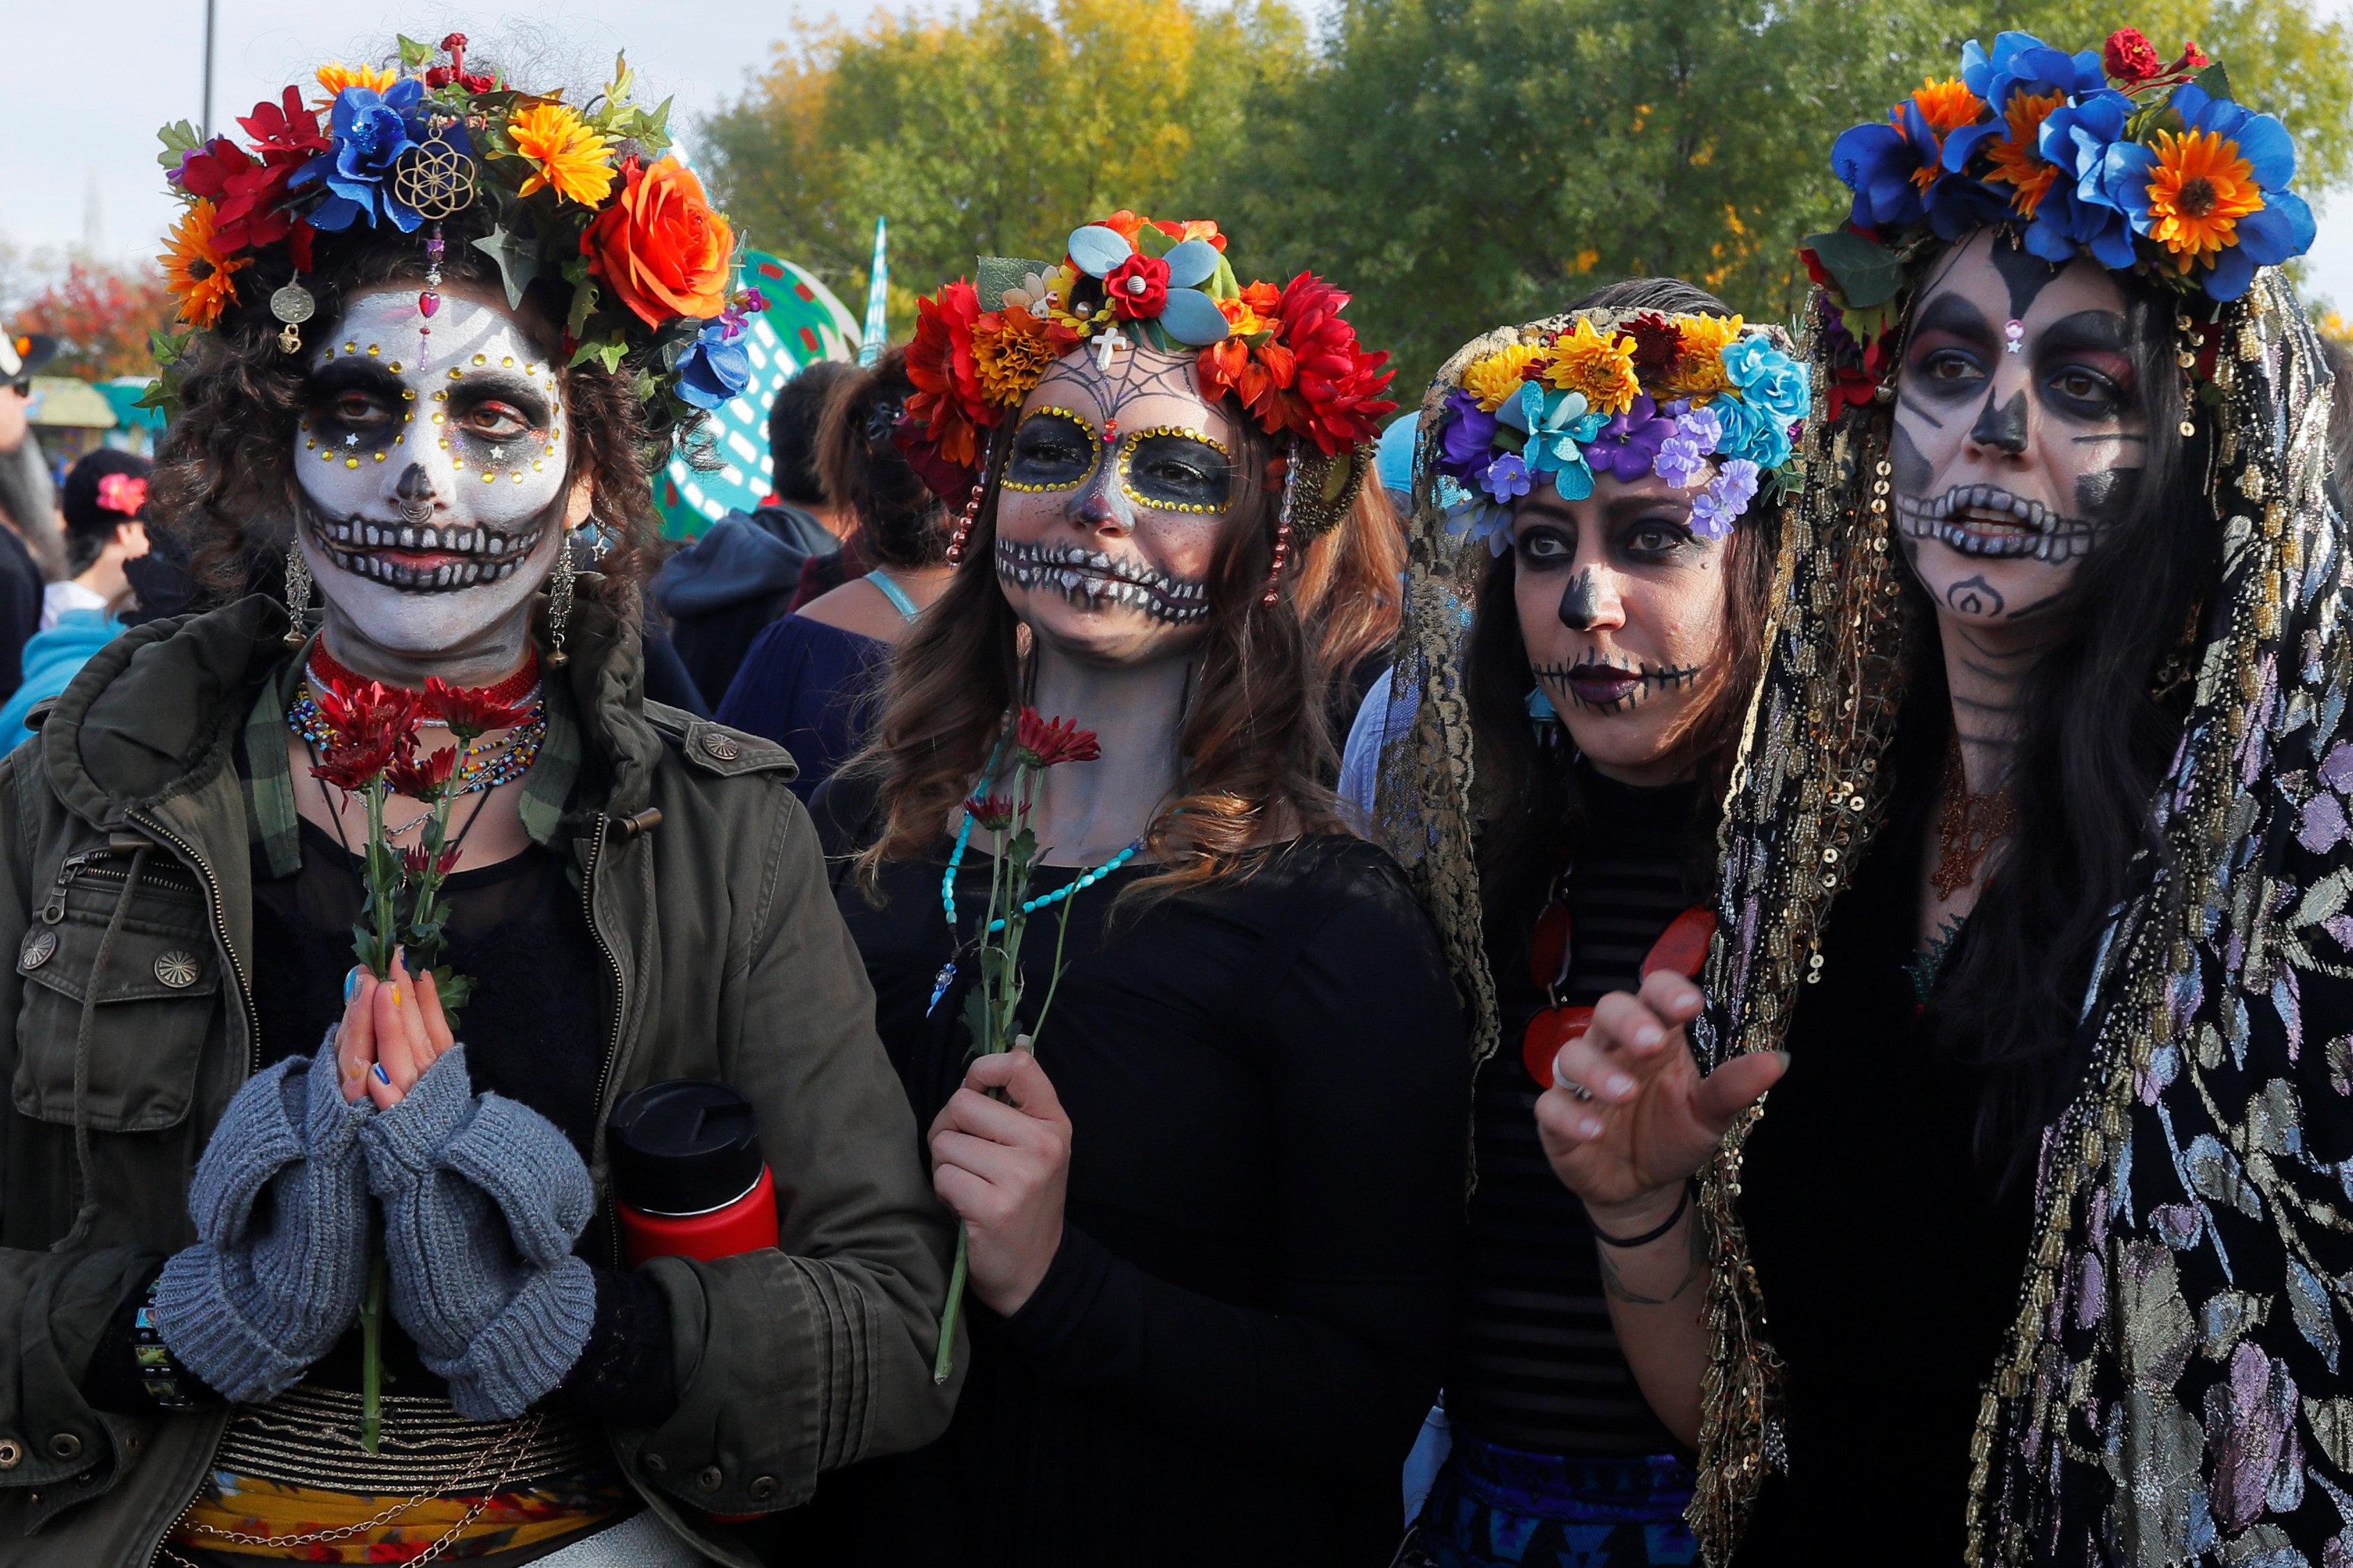 مكسيكيون يحتفلون بـيوم الموتى (4)